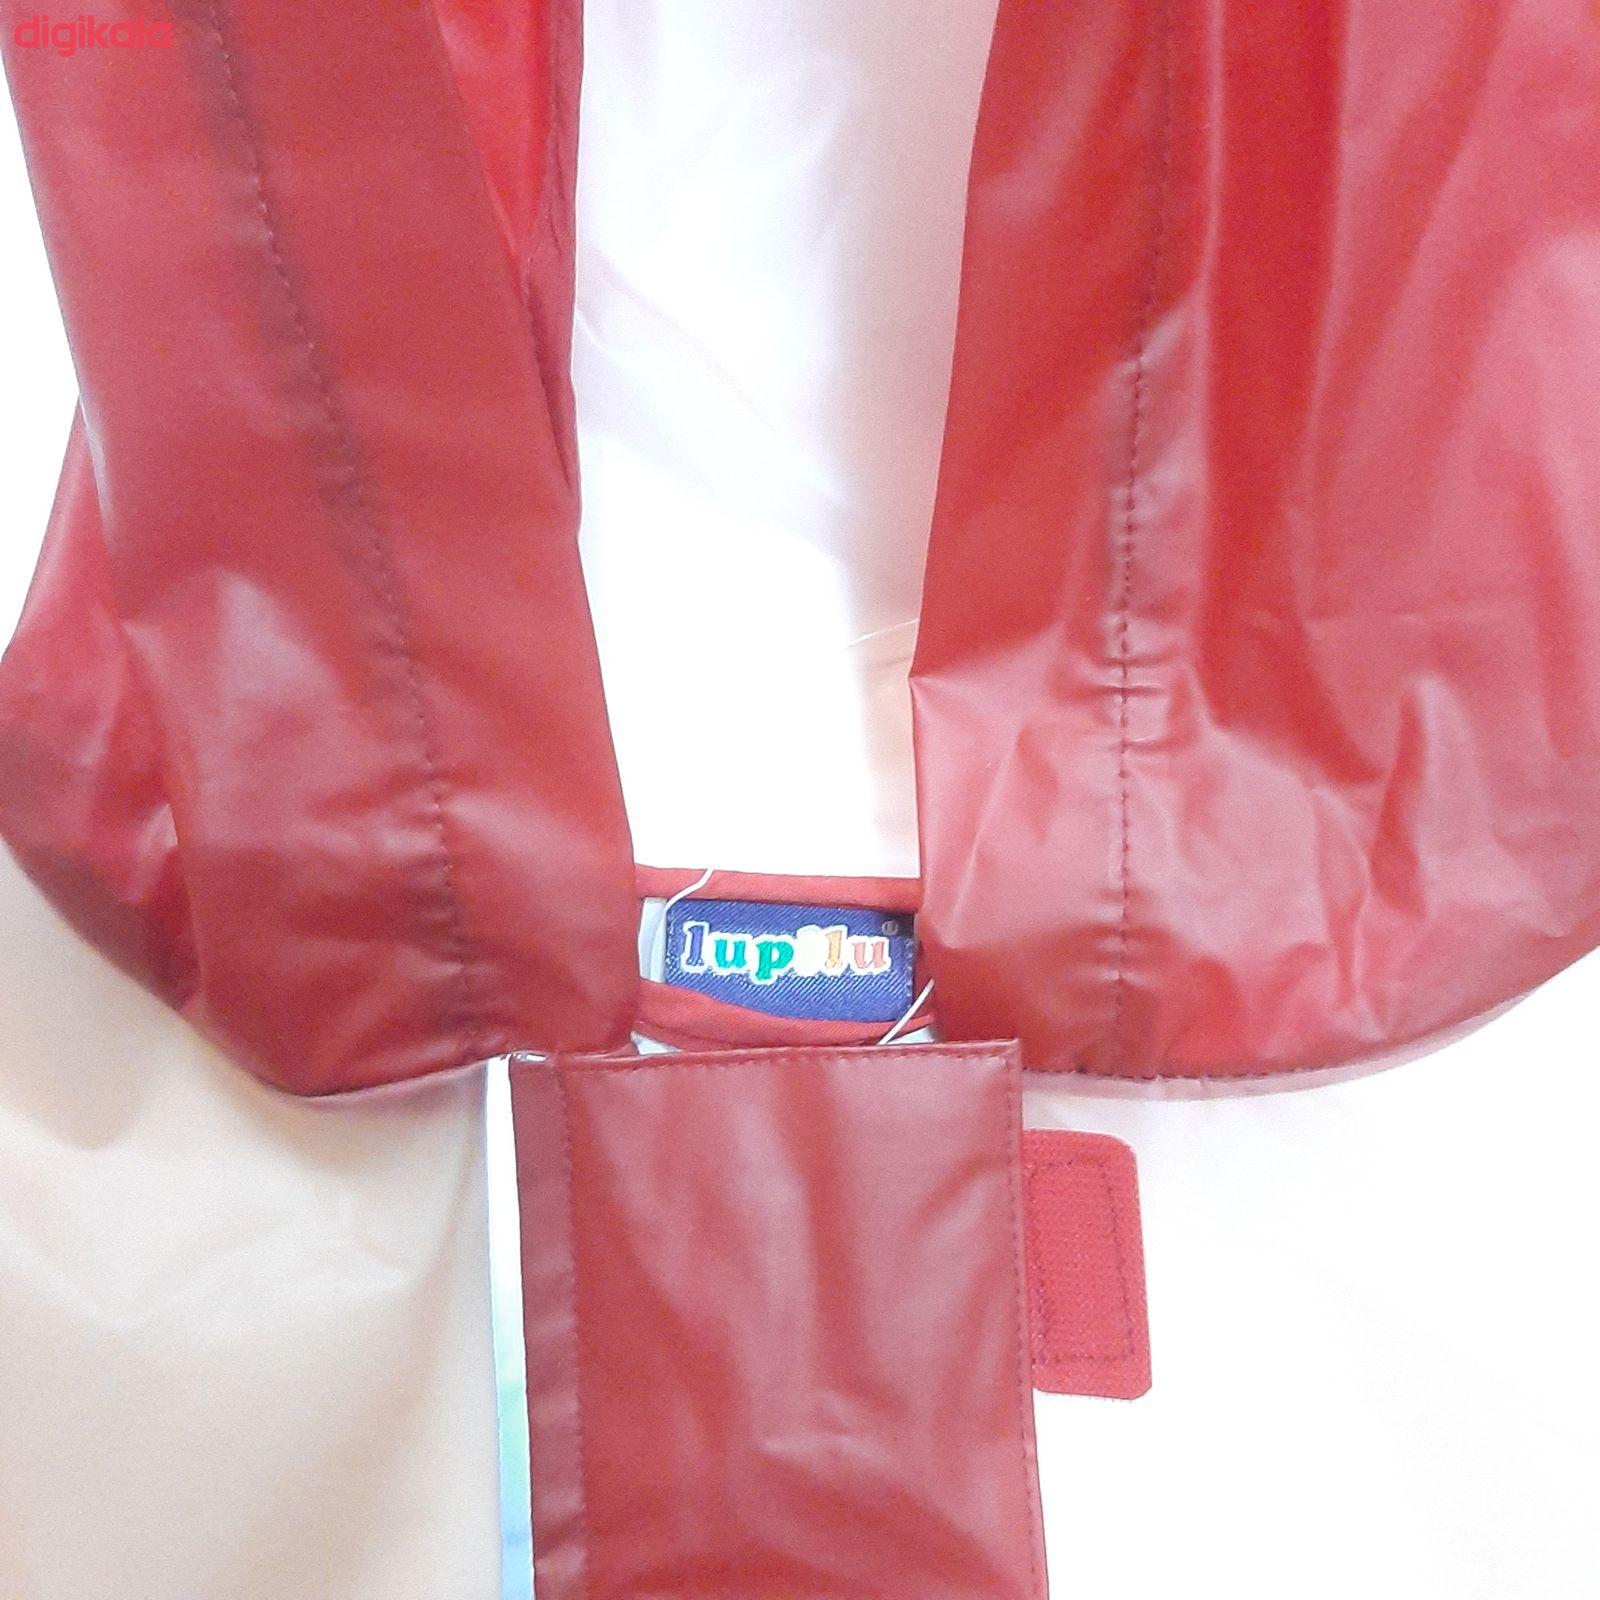 بارانی دخترانه لوپیلو مدل S-050 main 1 2